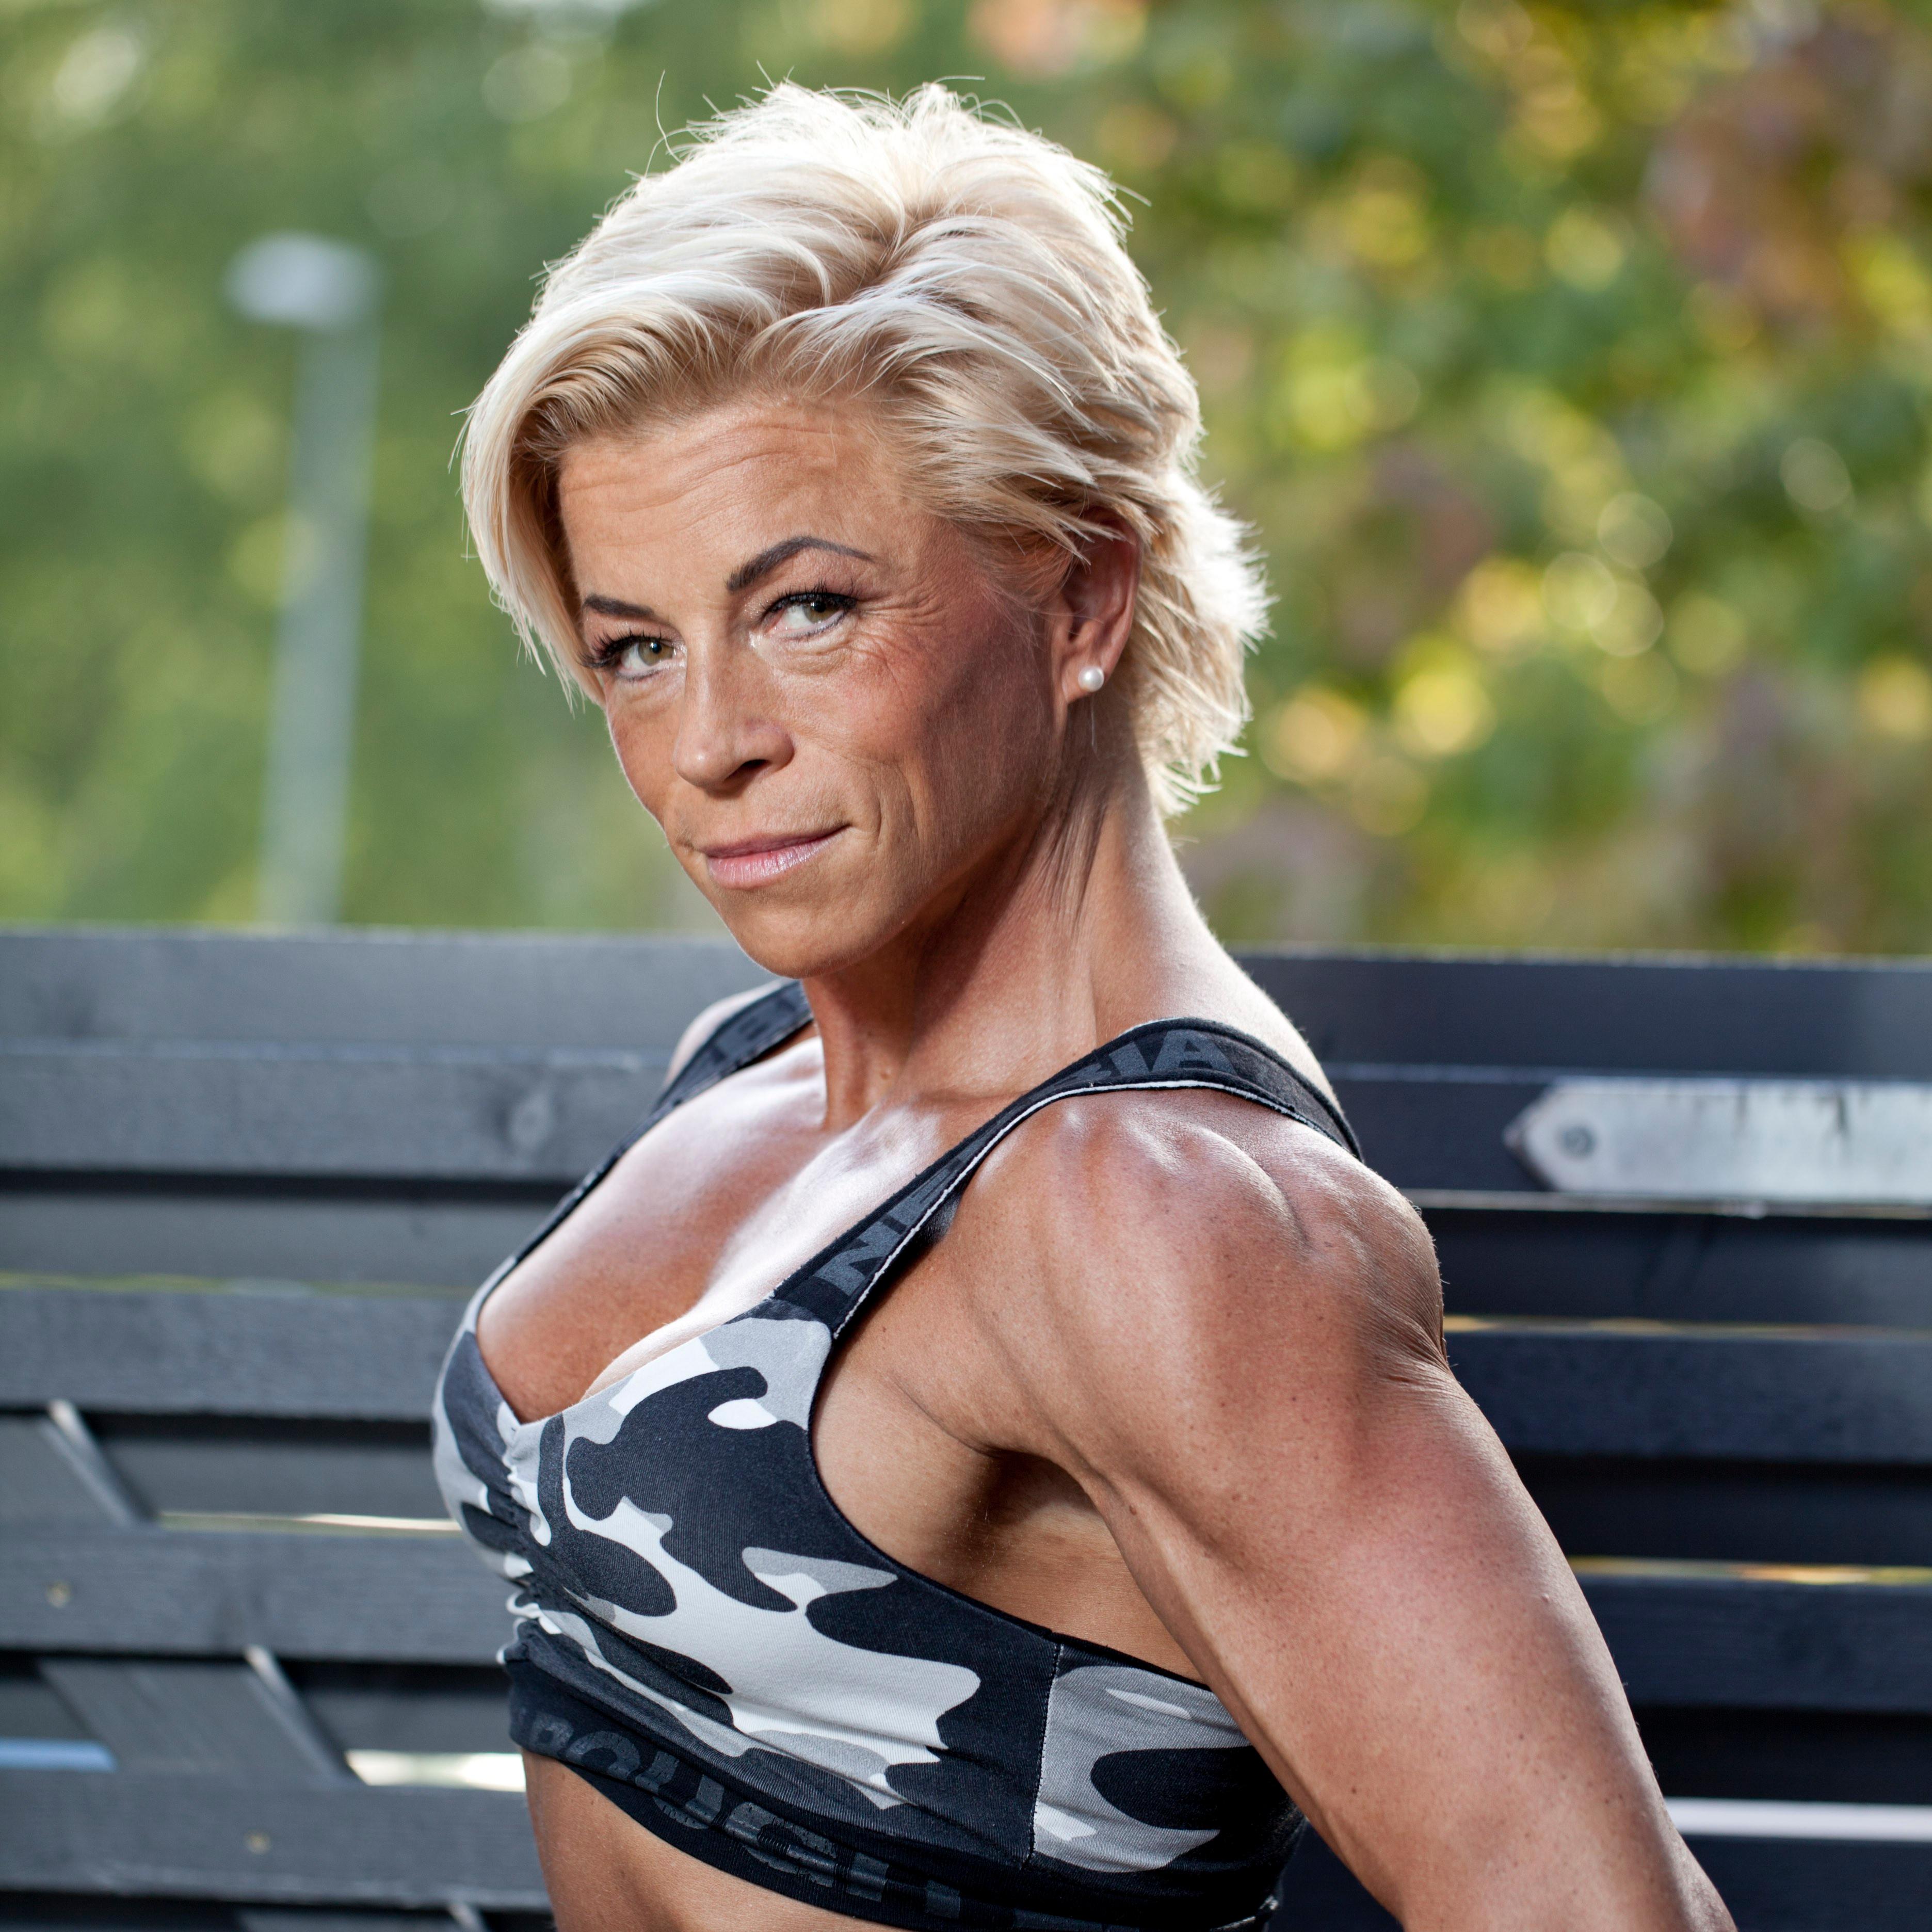 Kostrådgivning / personlig träning